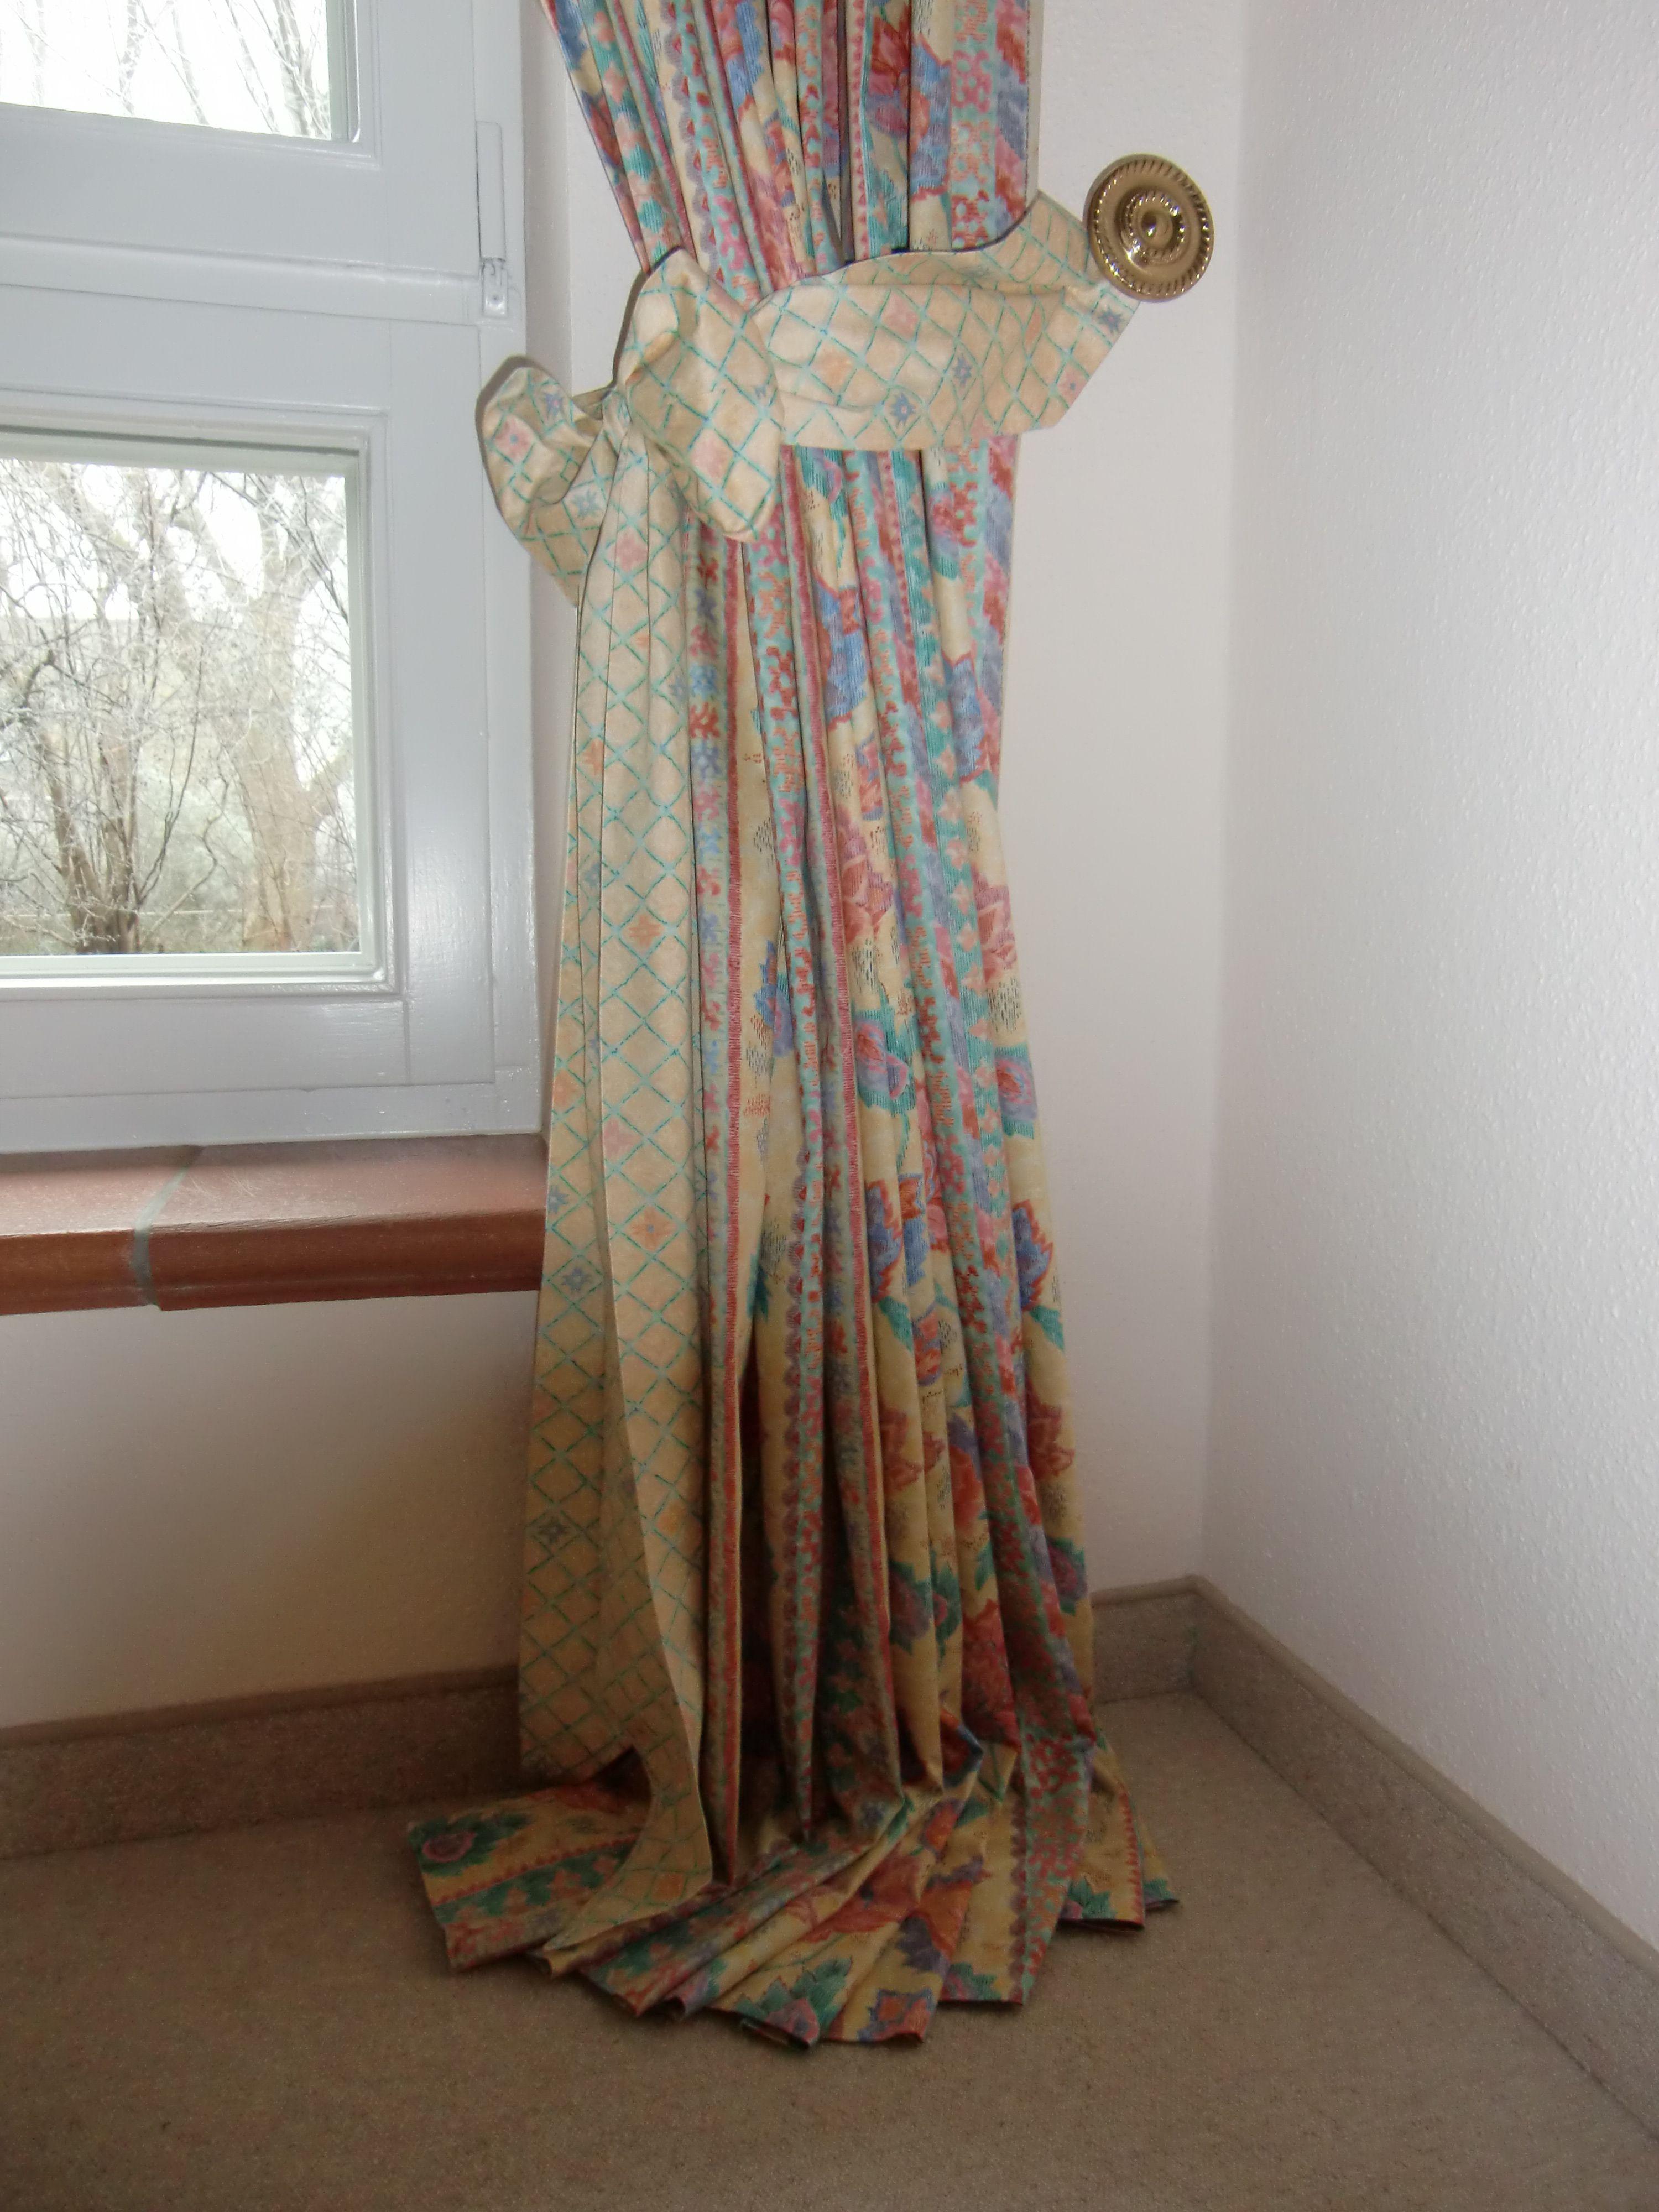 Raumausstatter gardinen dekorationen  klassische Dekoration, Seitenschal fest dekoriert mit Schleife ...